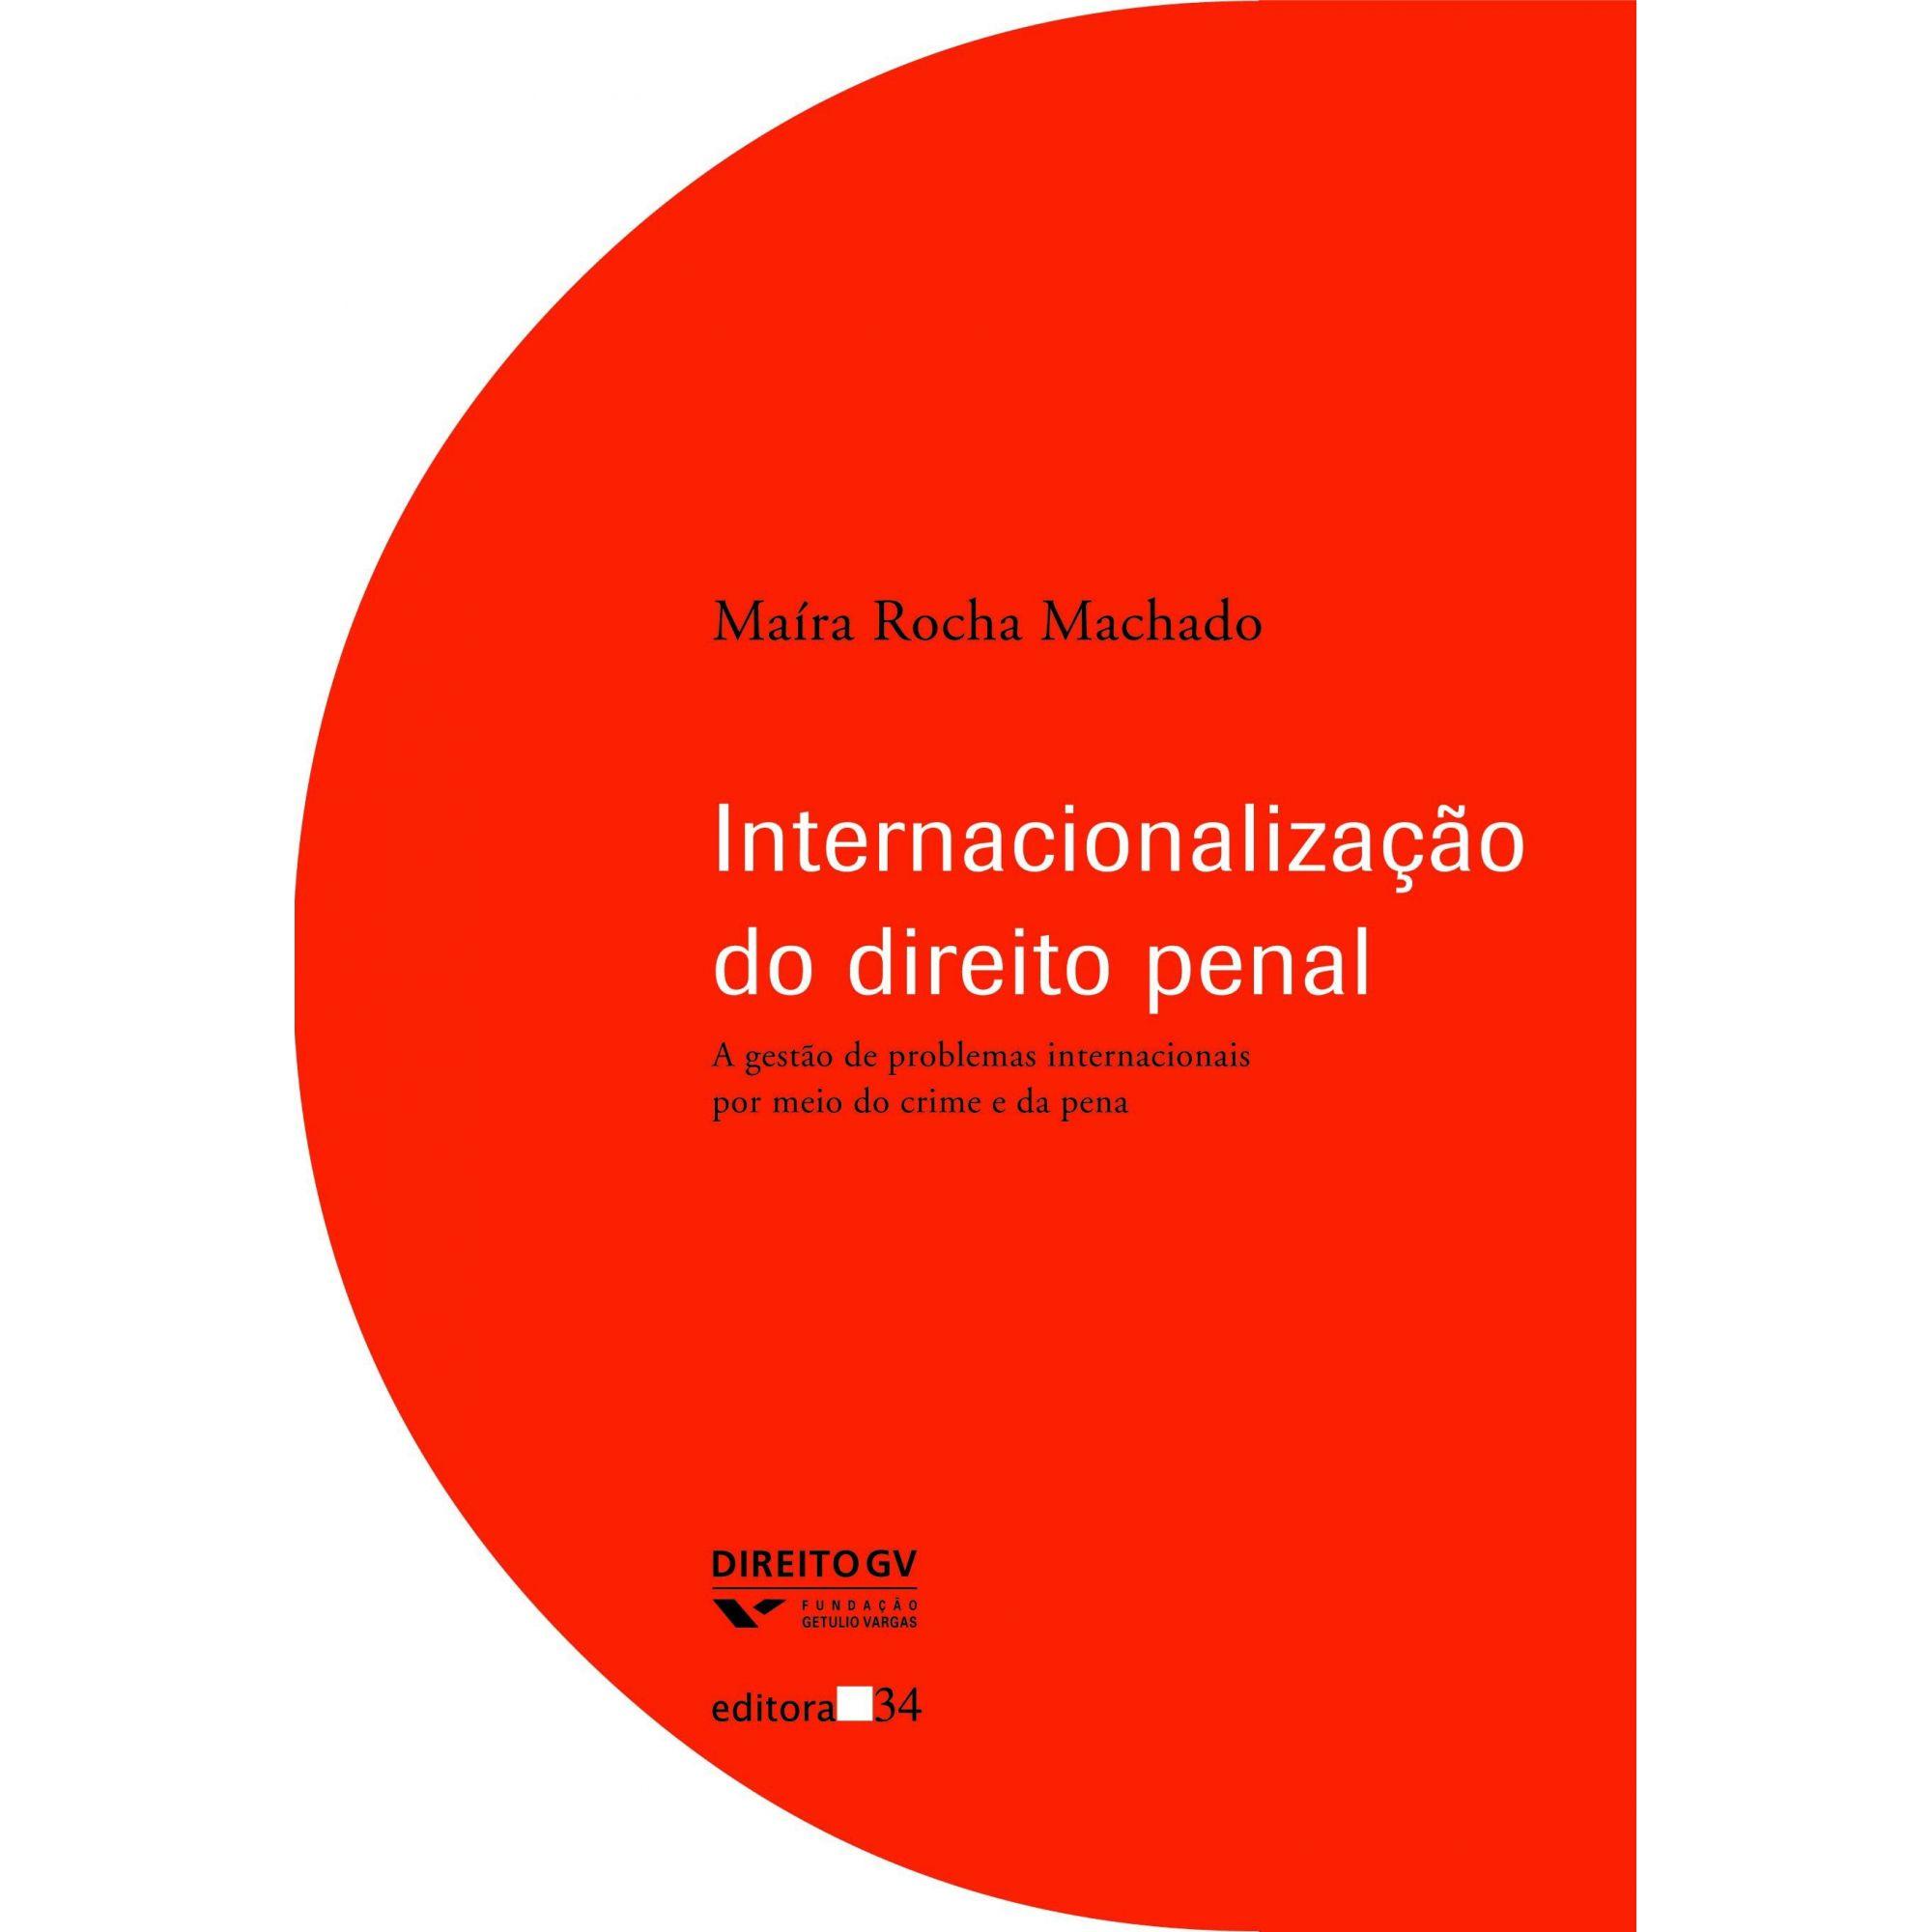 Internacionalização do direito penal